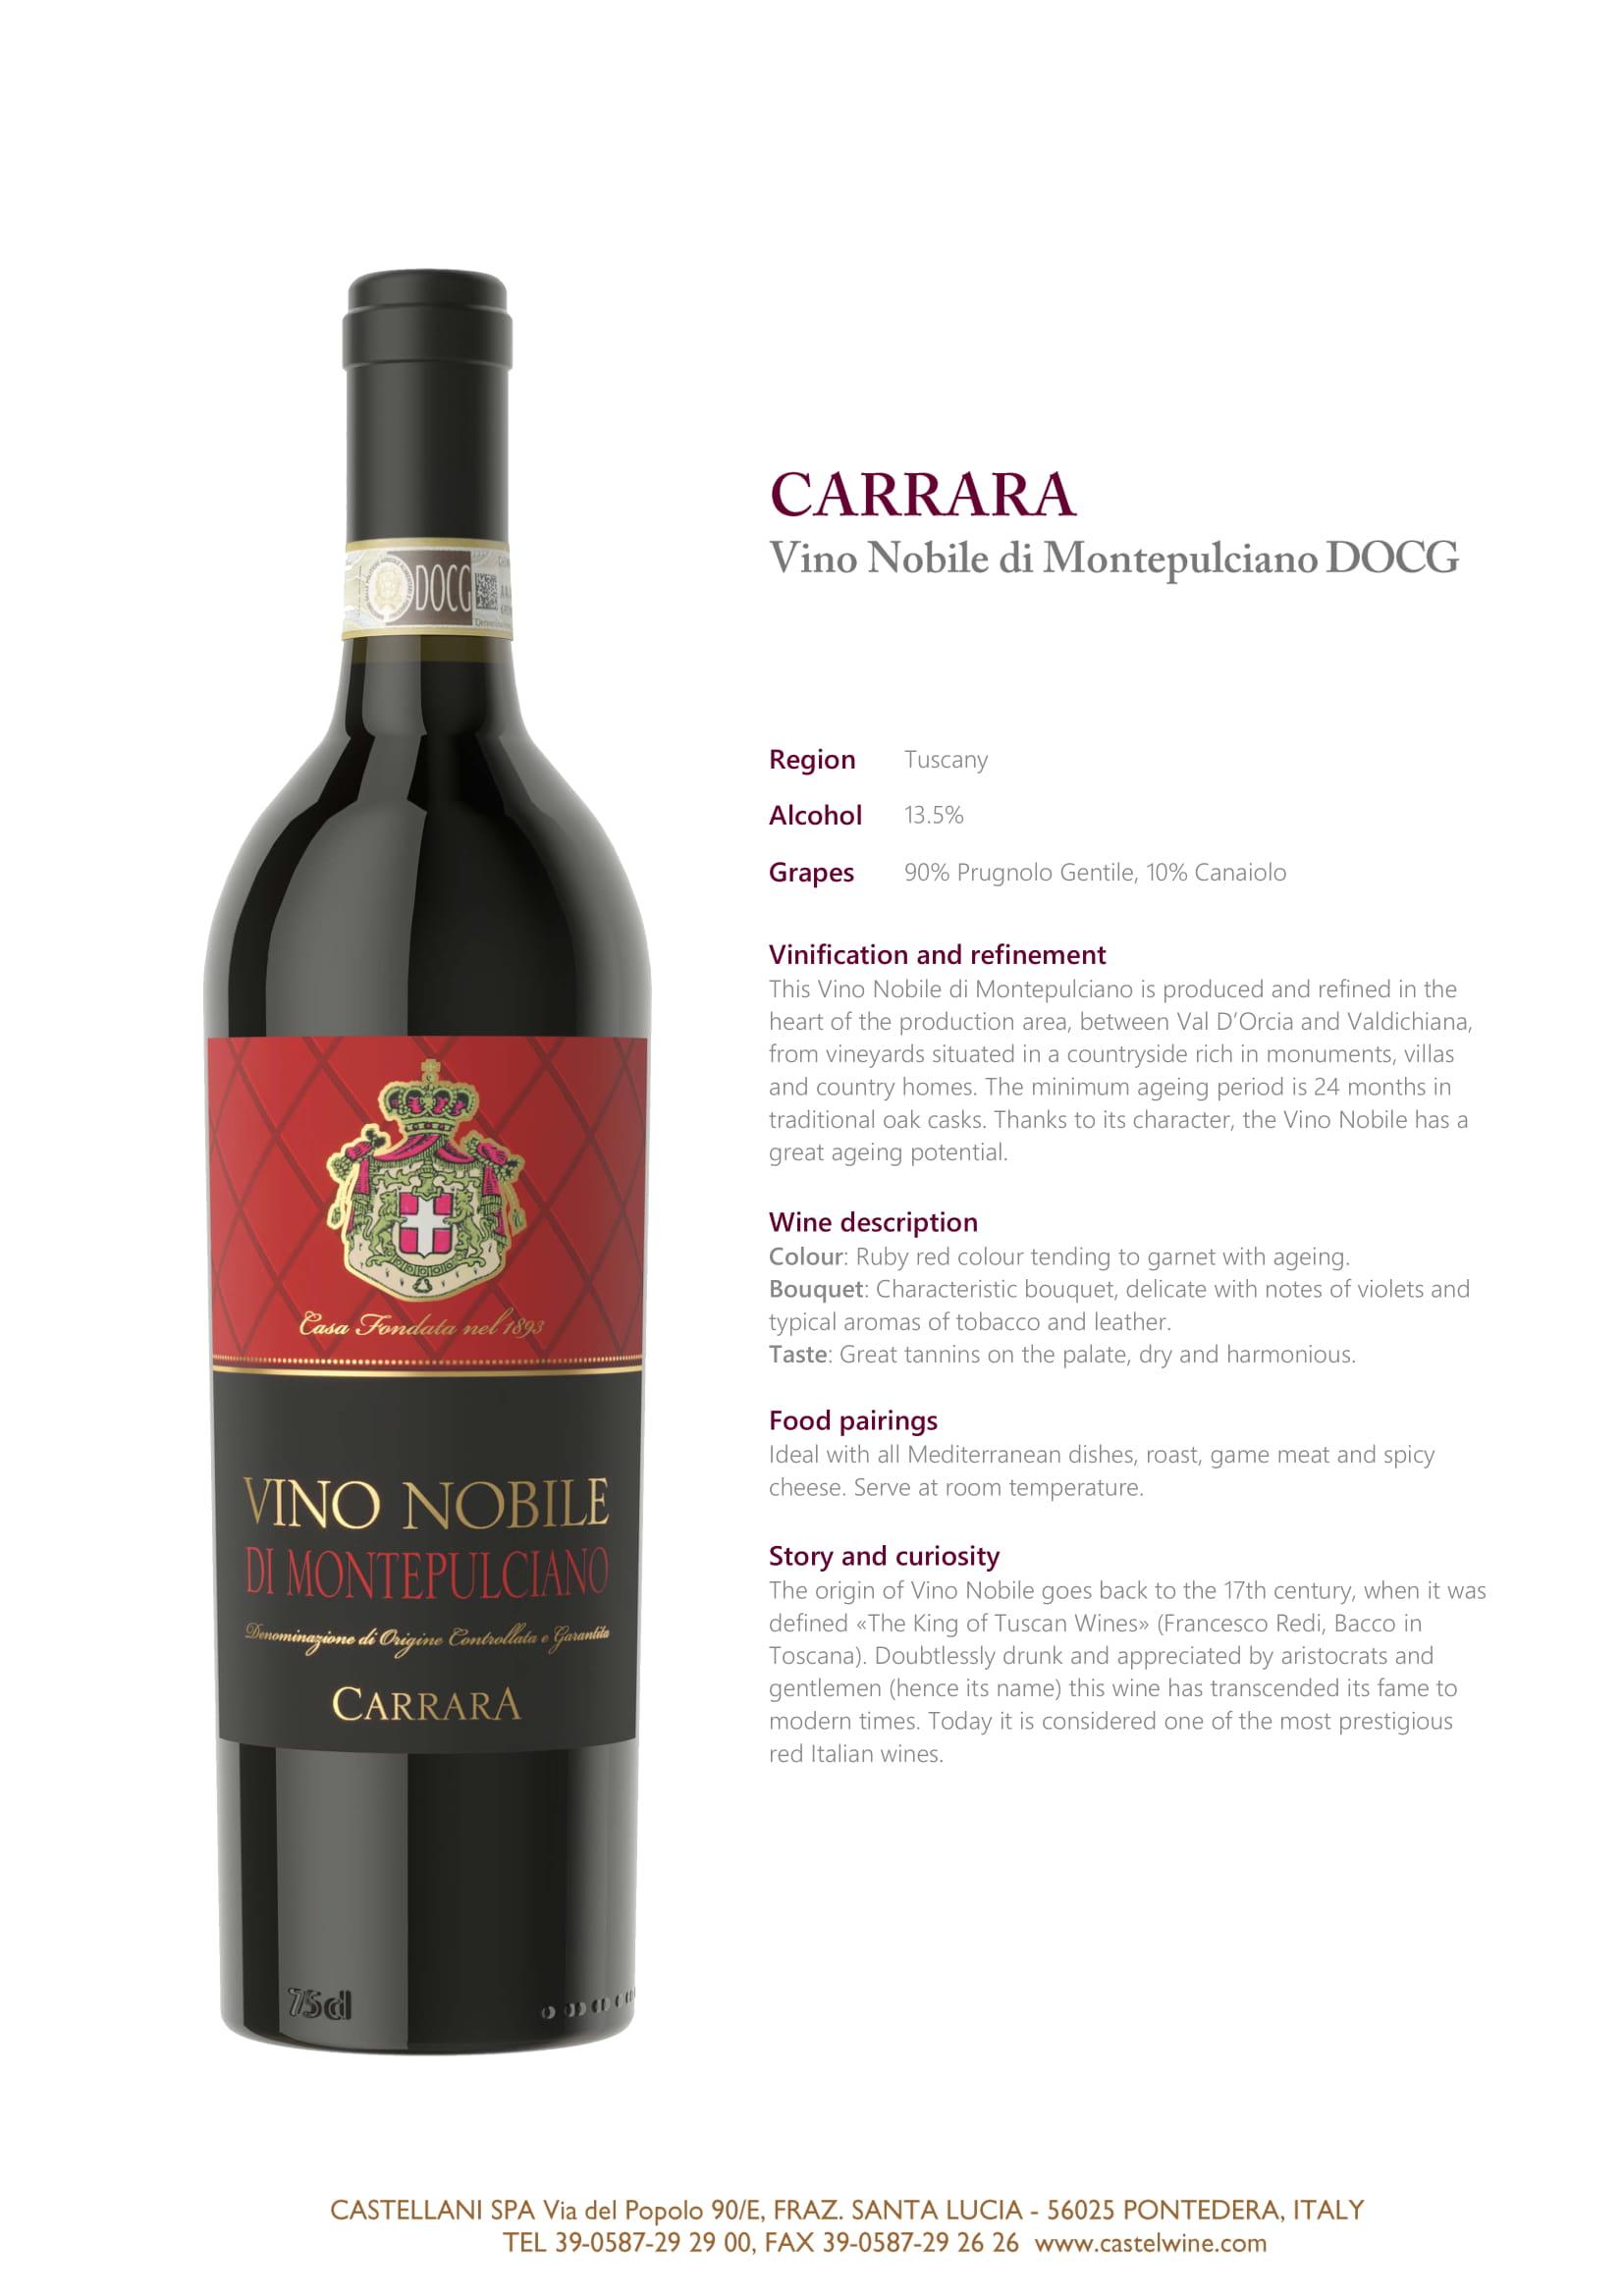 Carrara Vino Nobile Tech Sheet